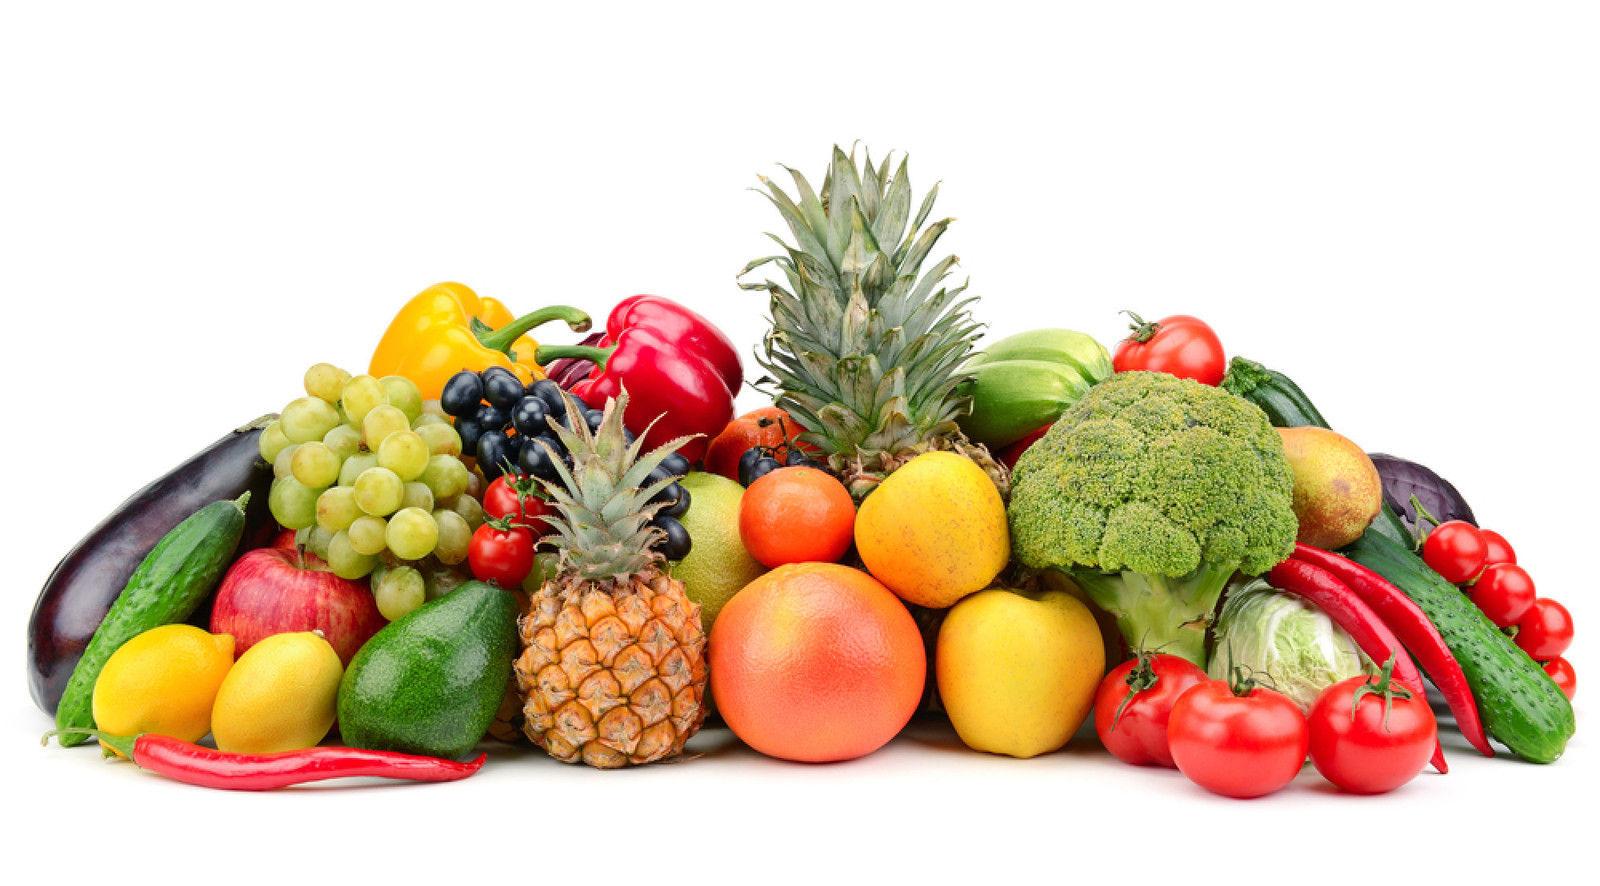 Хүнсний ногоо болон жимсний хортой бодисыг 98 хувь цэвэрлэх арга